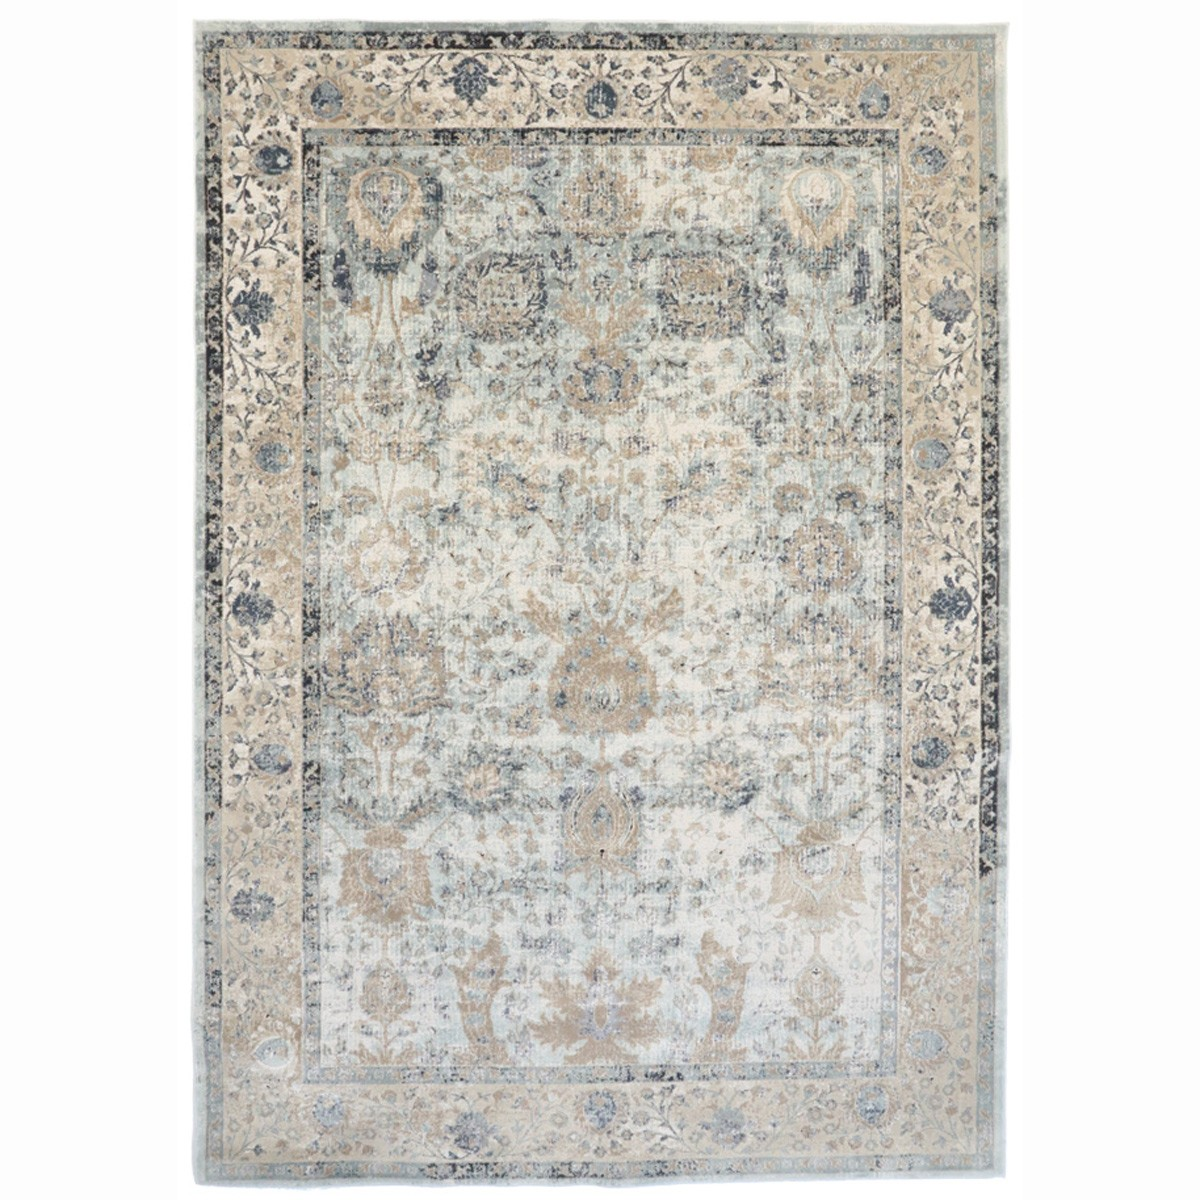 Καλοκαιρινό Χαλί (200x250) Royal Carpets Lusso 358-11